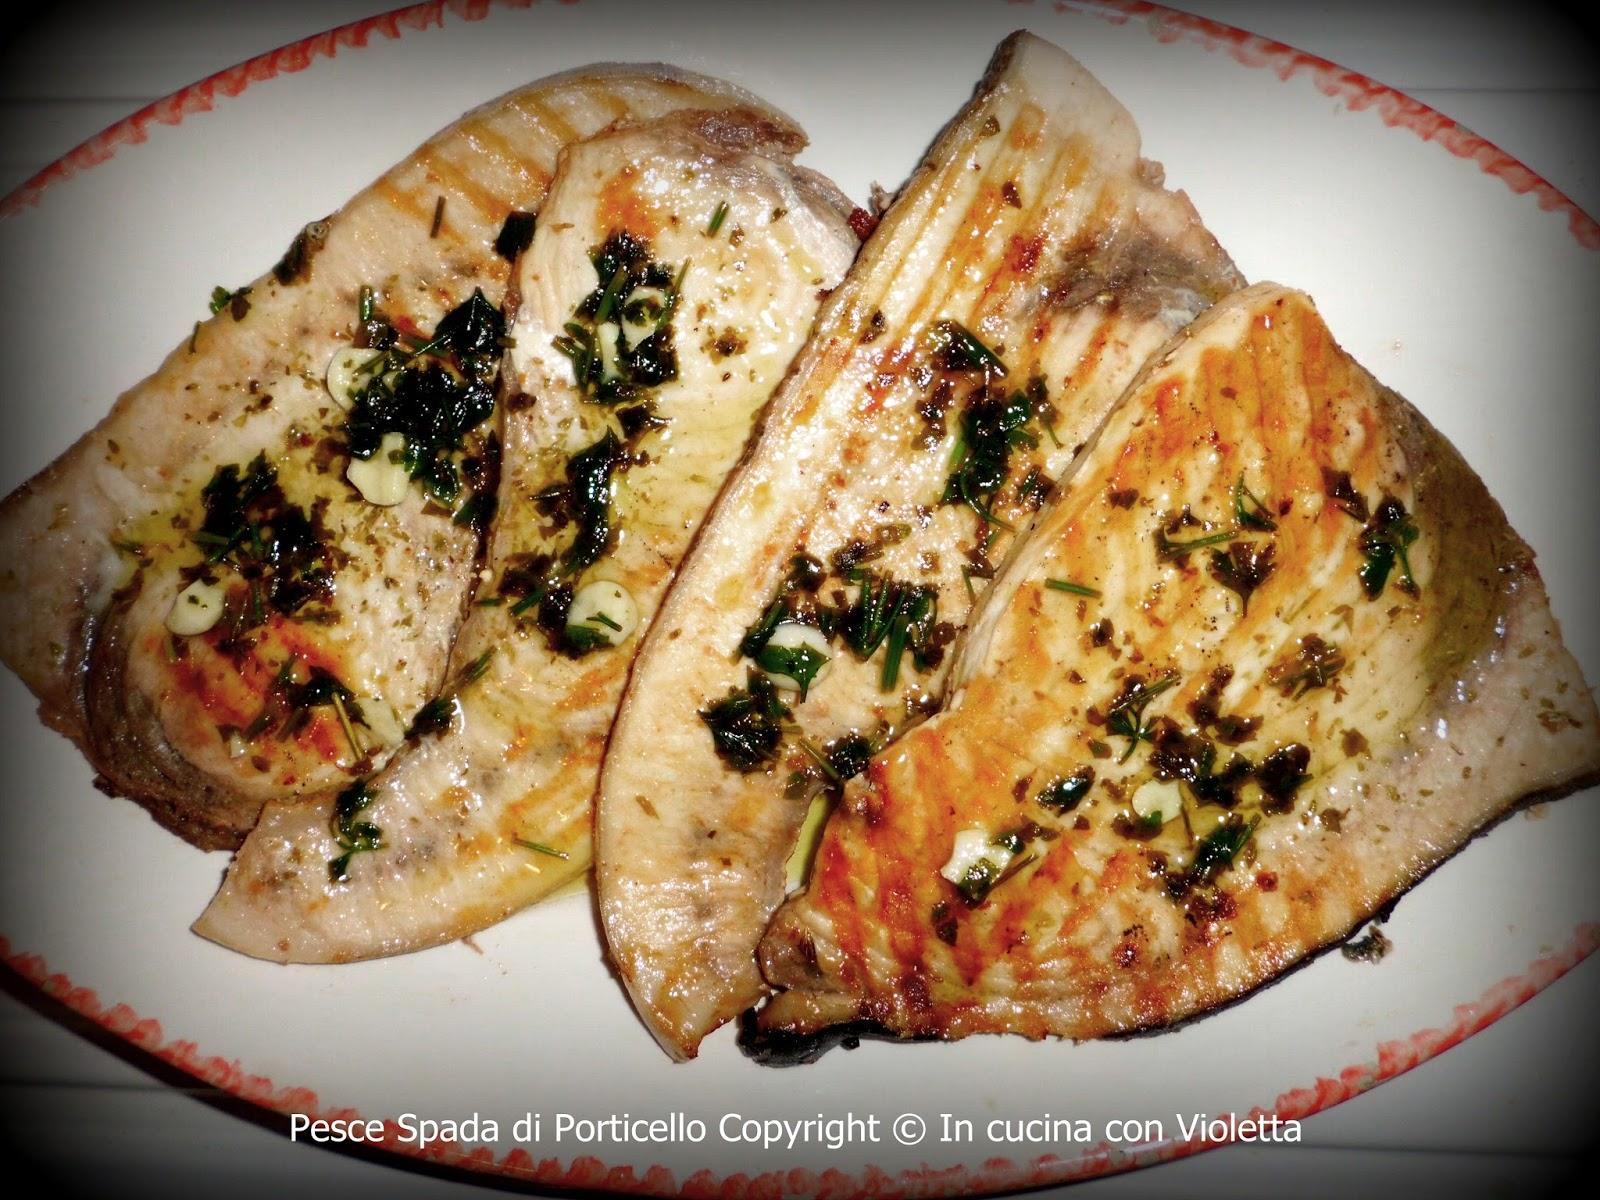 Pesce Spada di Porticello Copyright © In cucina con Violetta